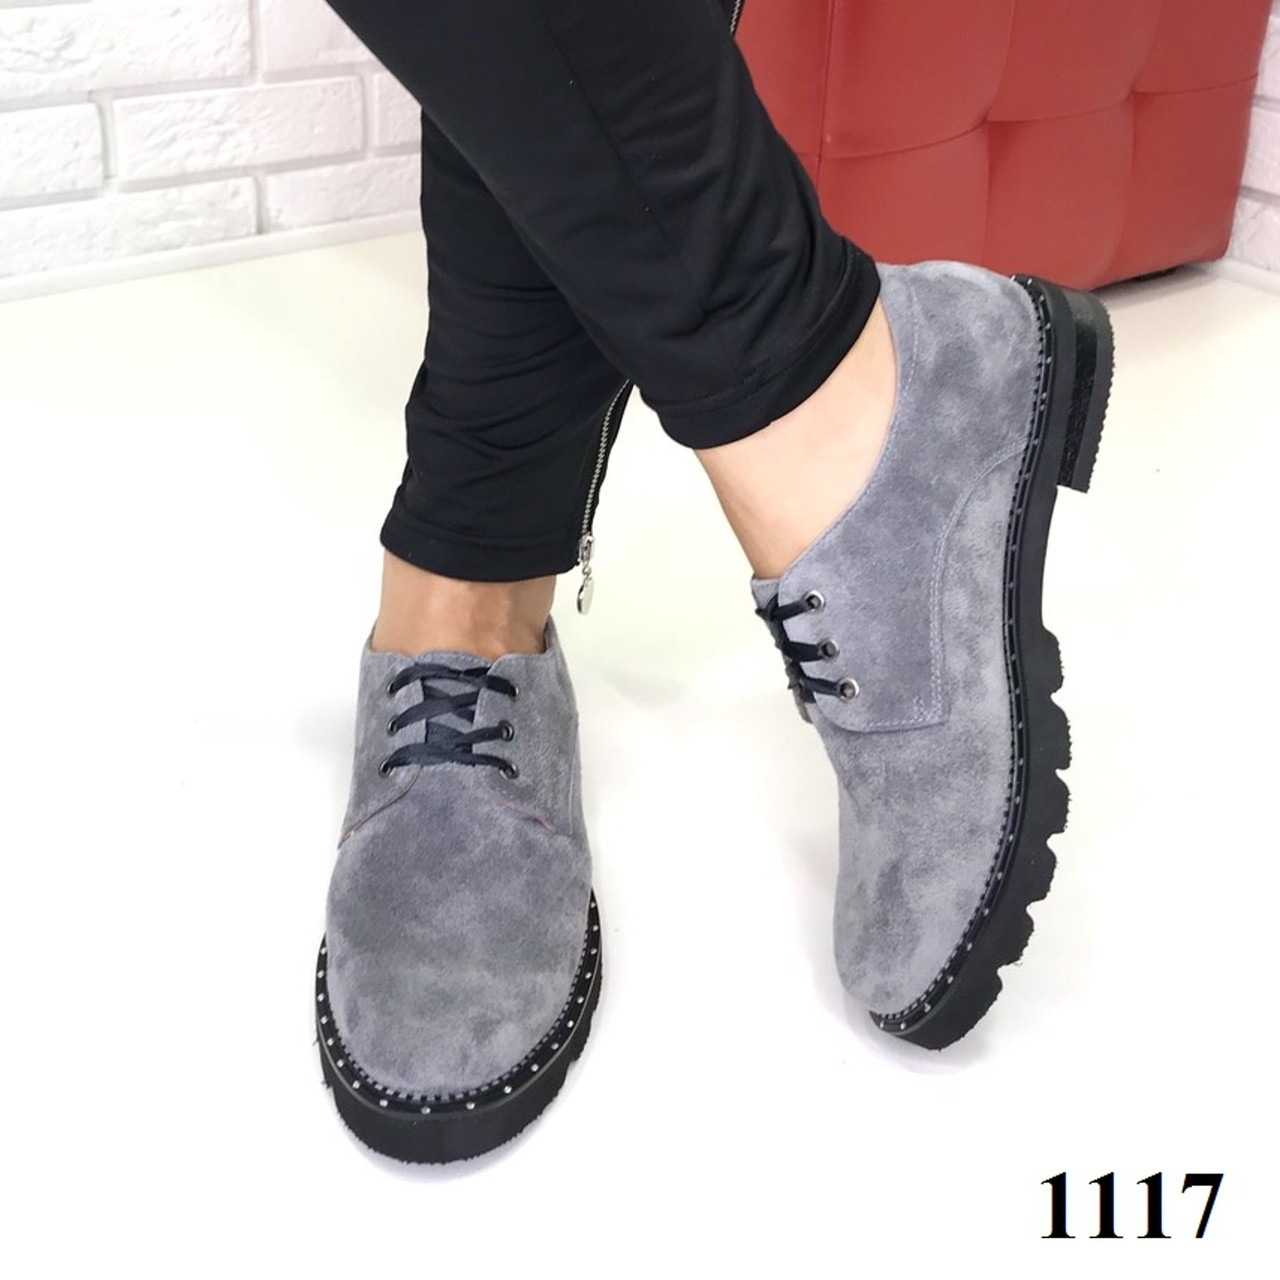 Женские замшевые туфли на шнуровке серые